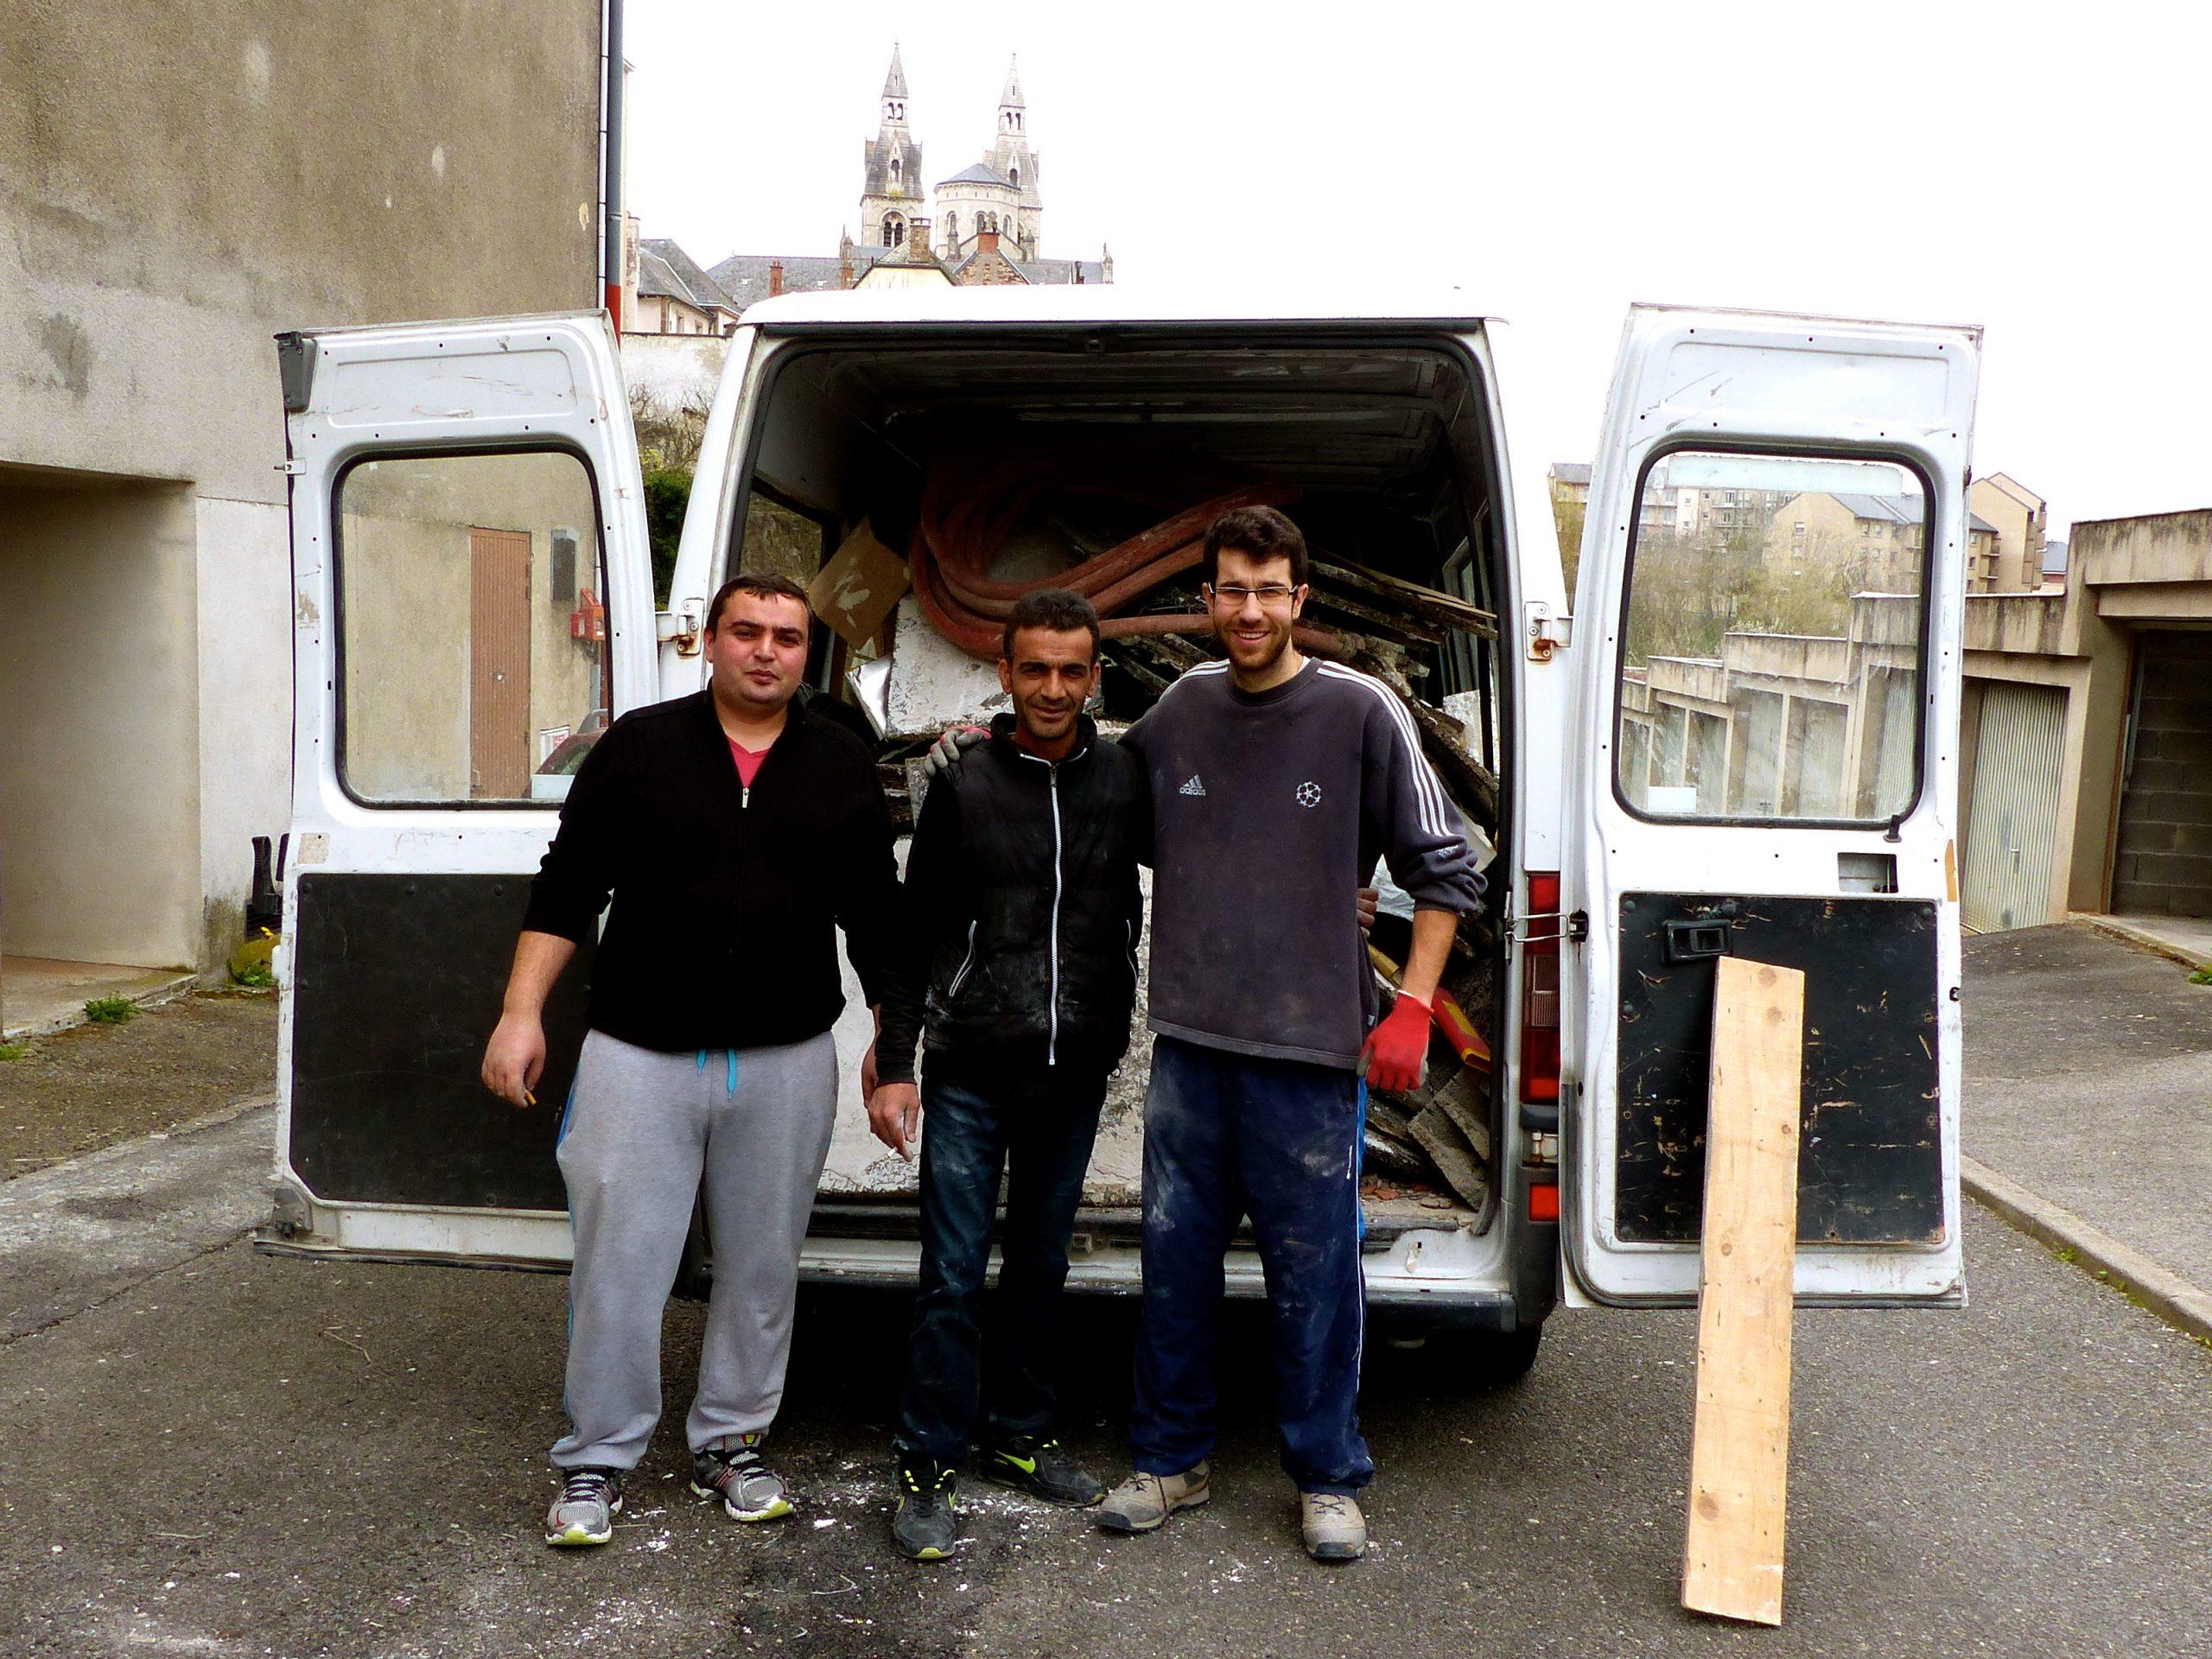 Trois hommes souriants devant un camion à une déchèterie